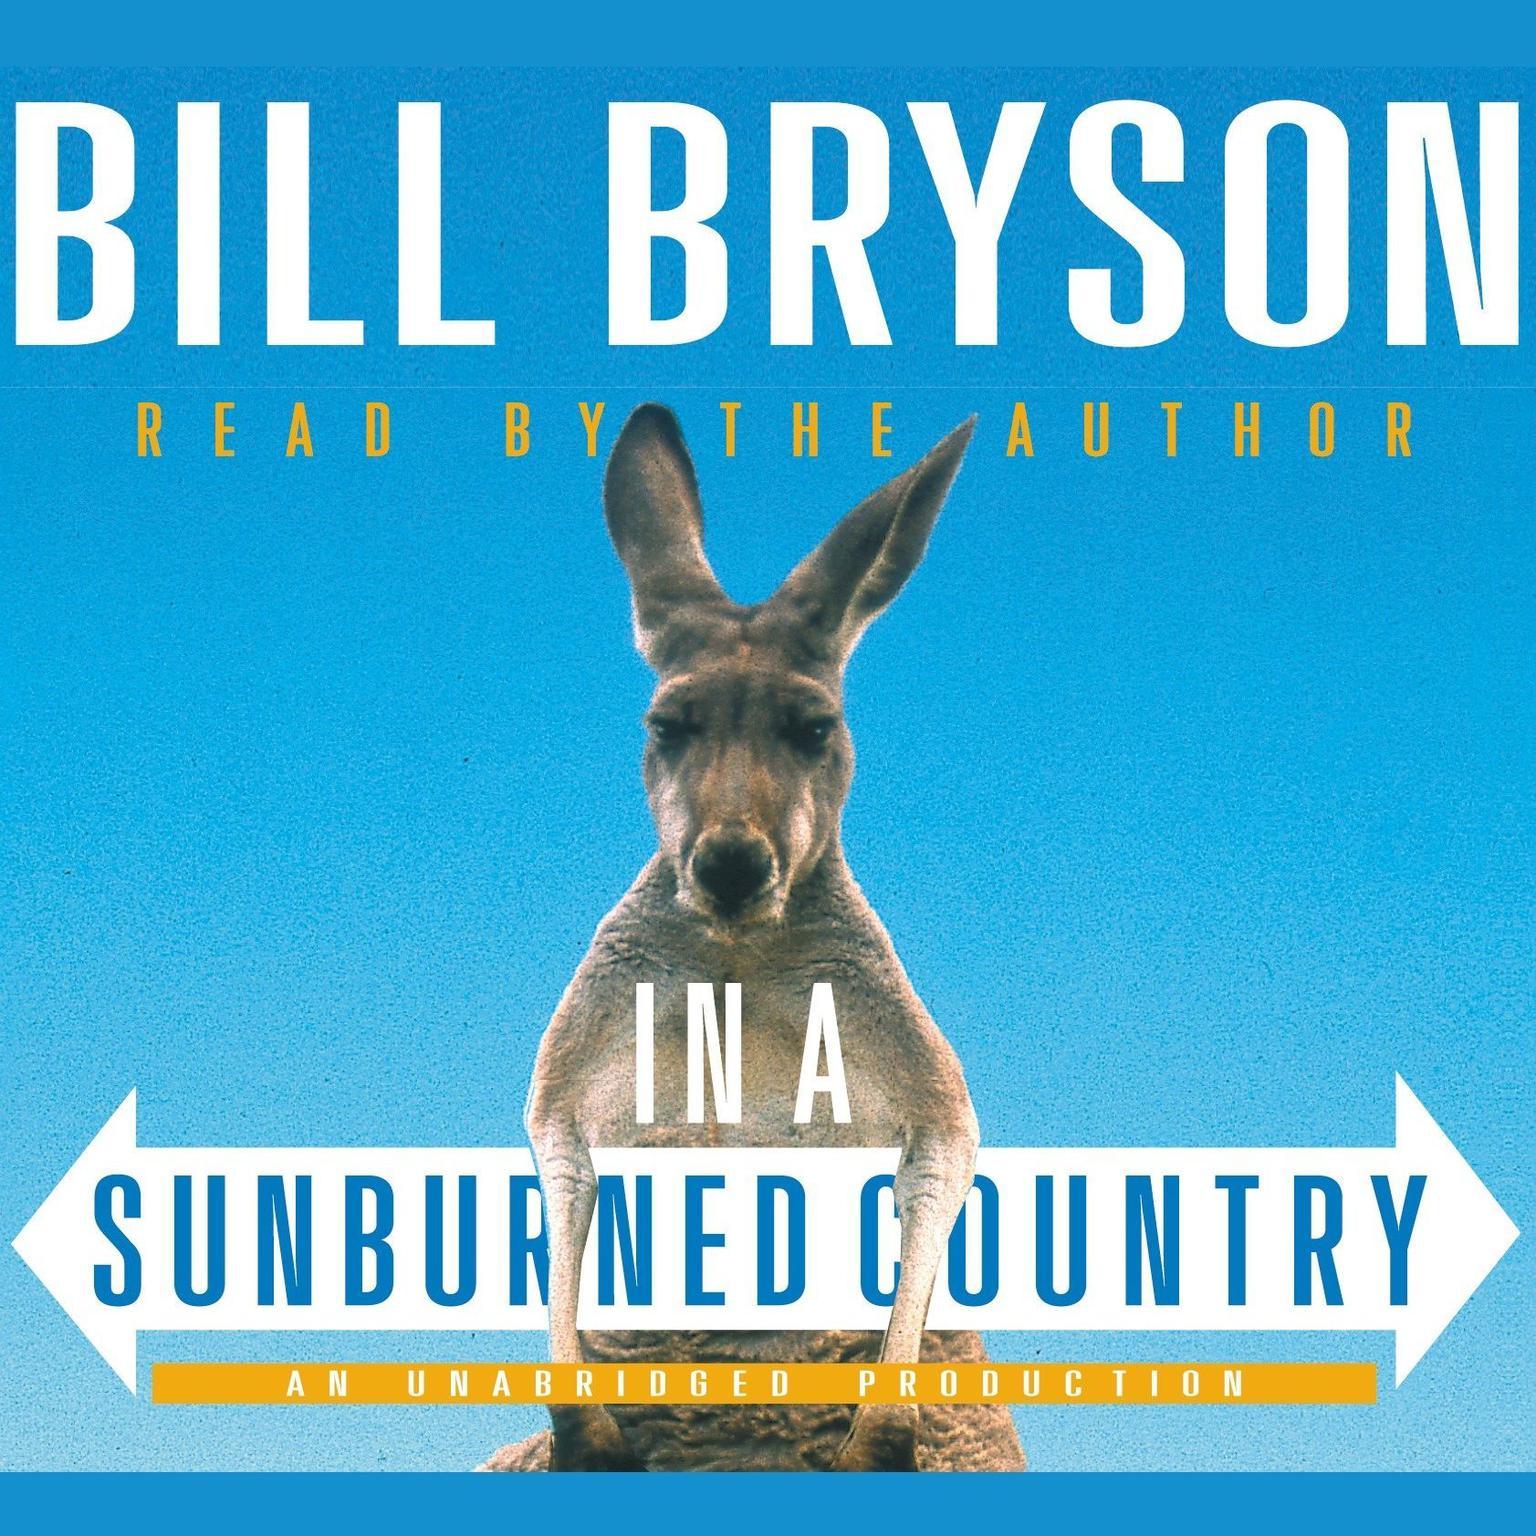 bill bryson down under epub